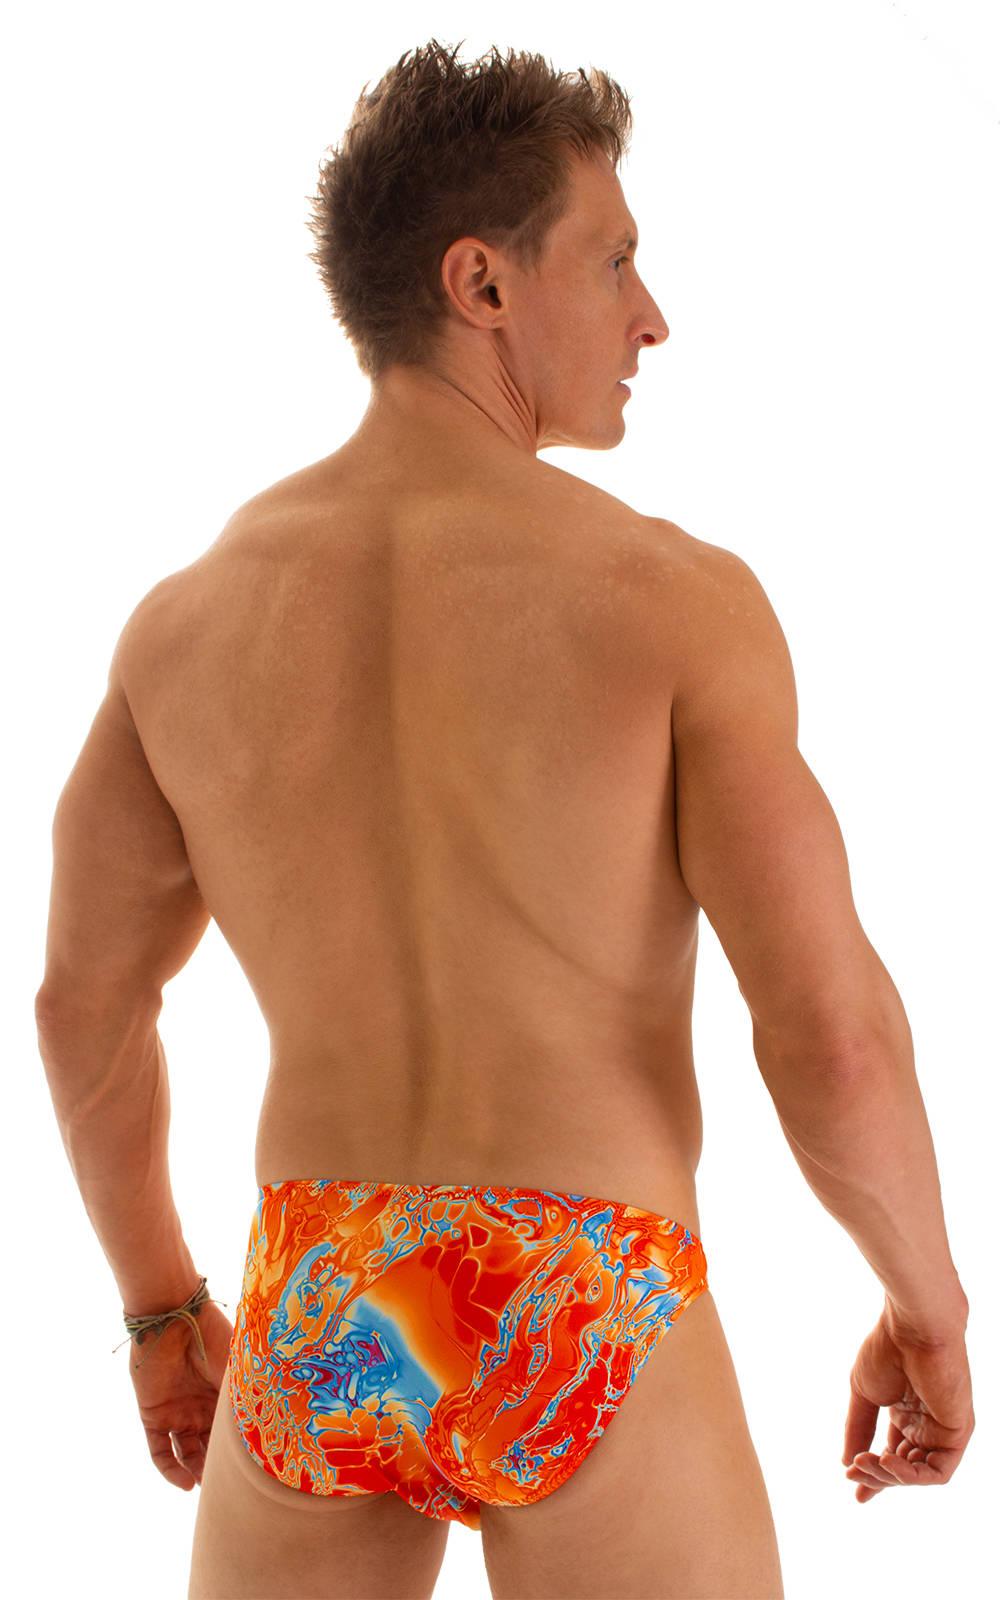 Bikini-Brief Swimsuit in Vapor Wave Orange 2